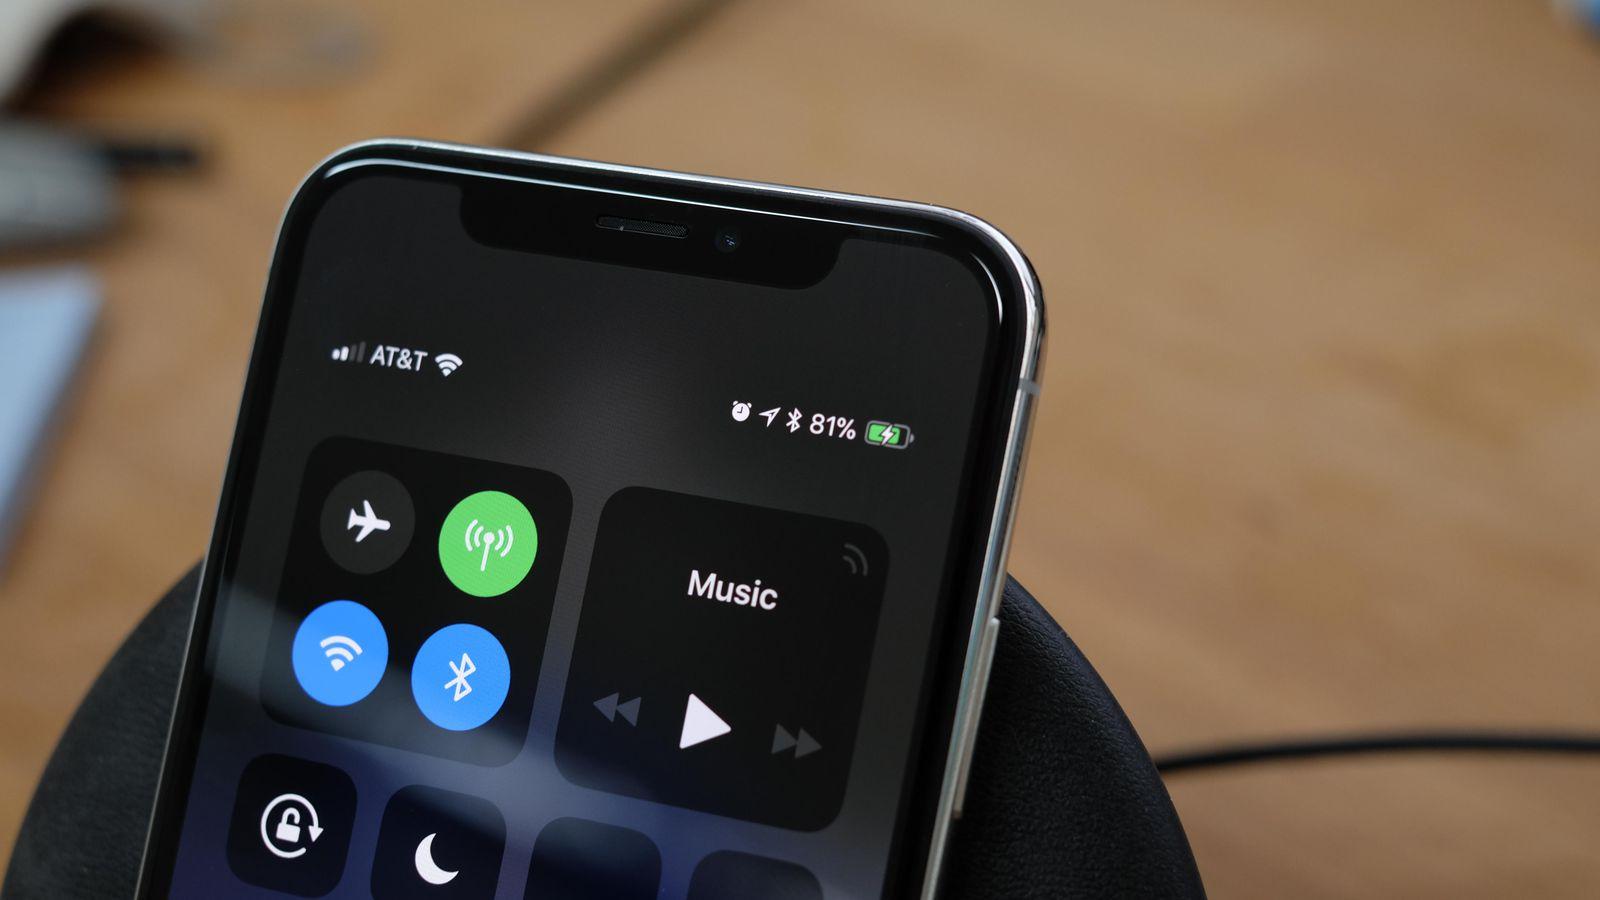 айфон x 10 зарядка в процентах